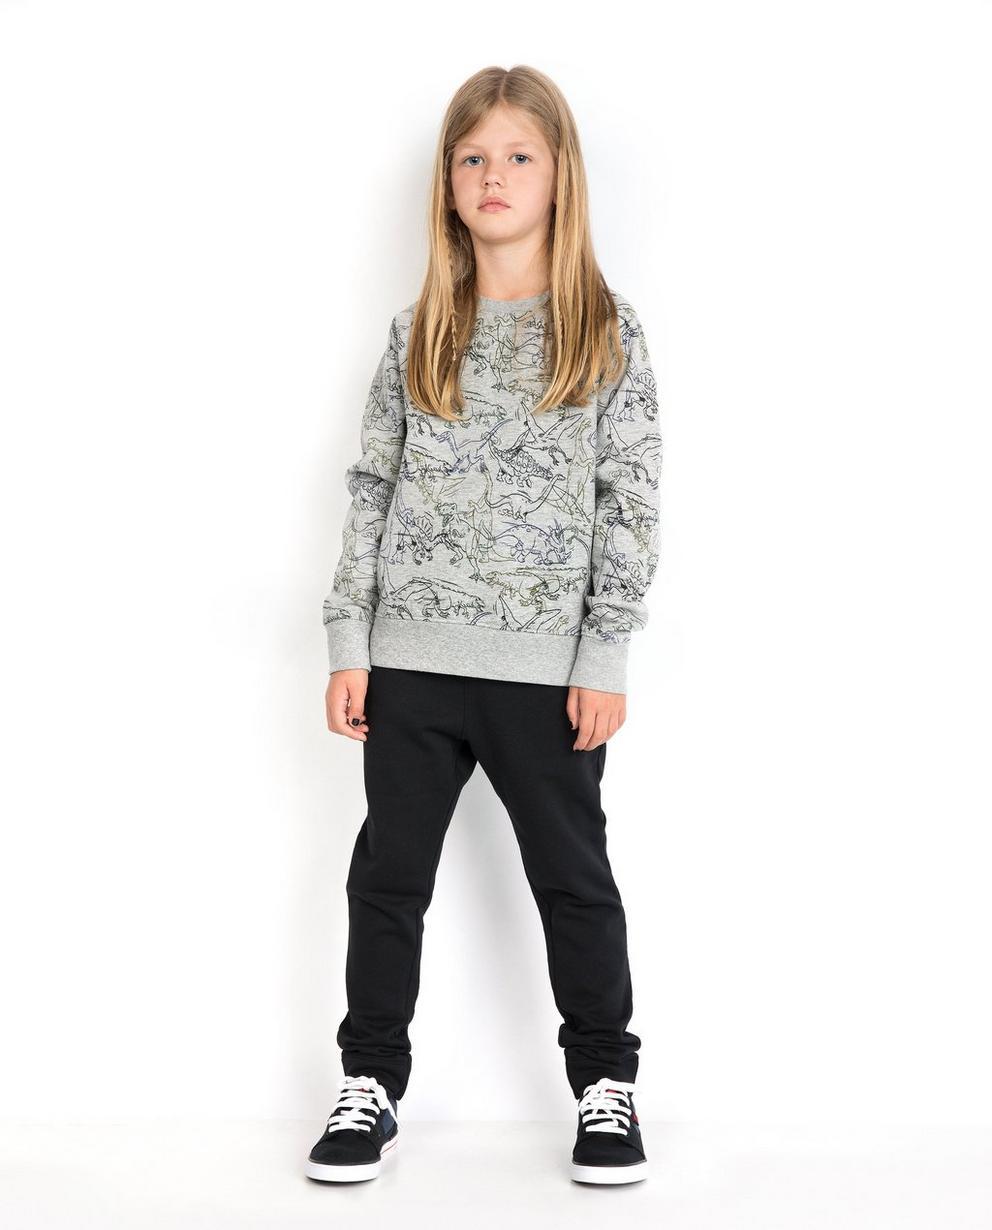 Sweater mit Dinoprint - ZulupaPUWA - Unisex - ZulupaPUWA